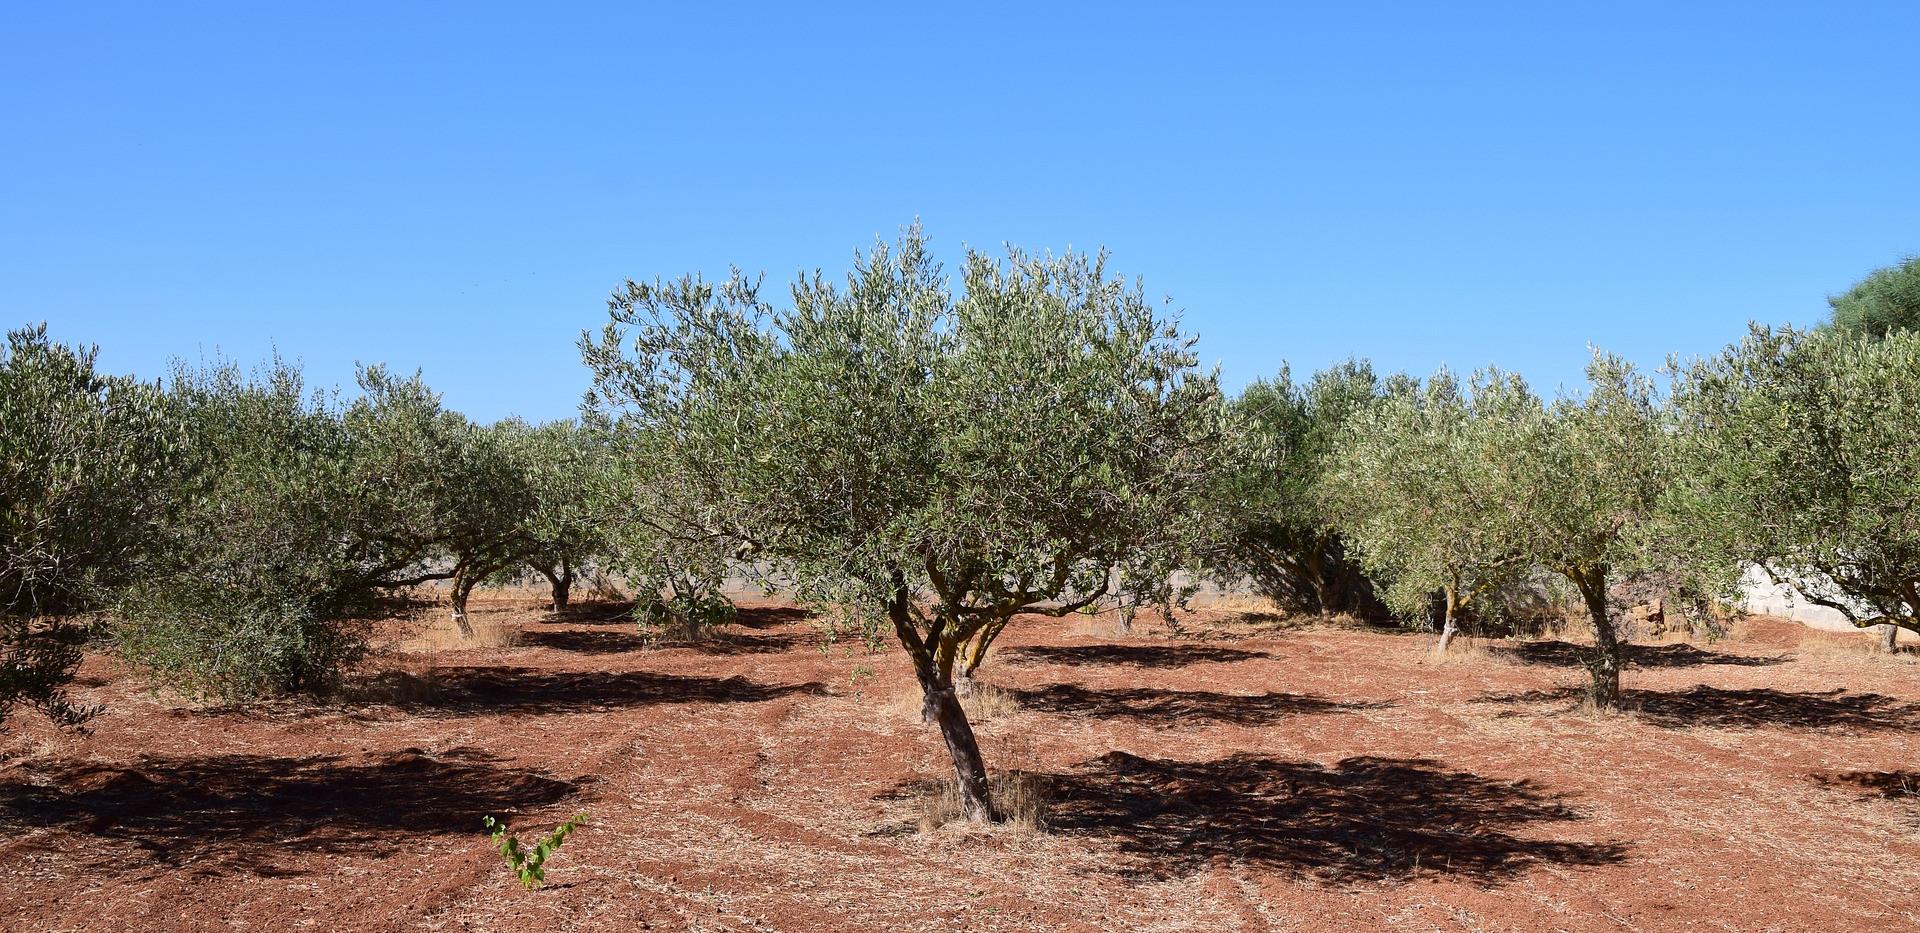 olive-trees-2660028_1920.jpg